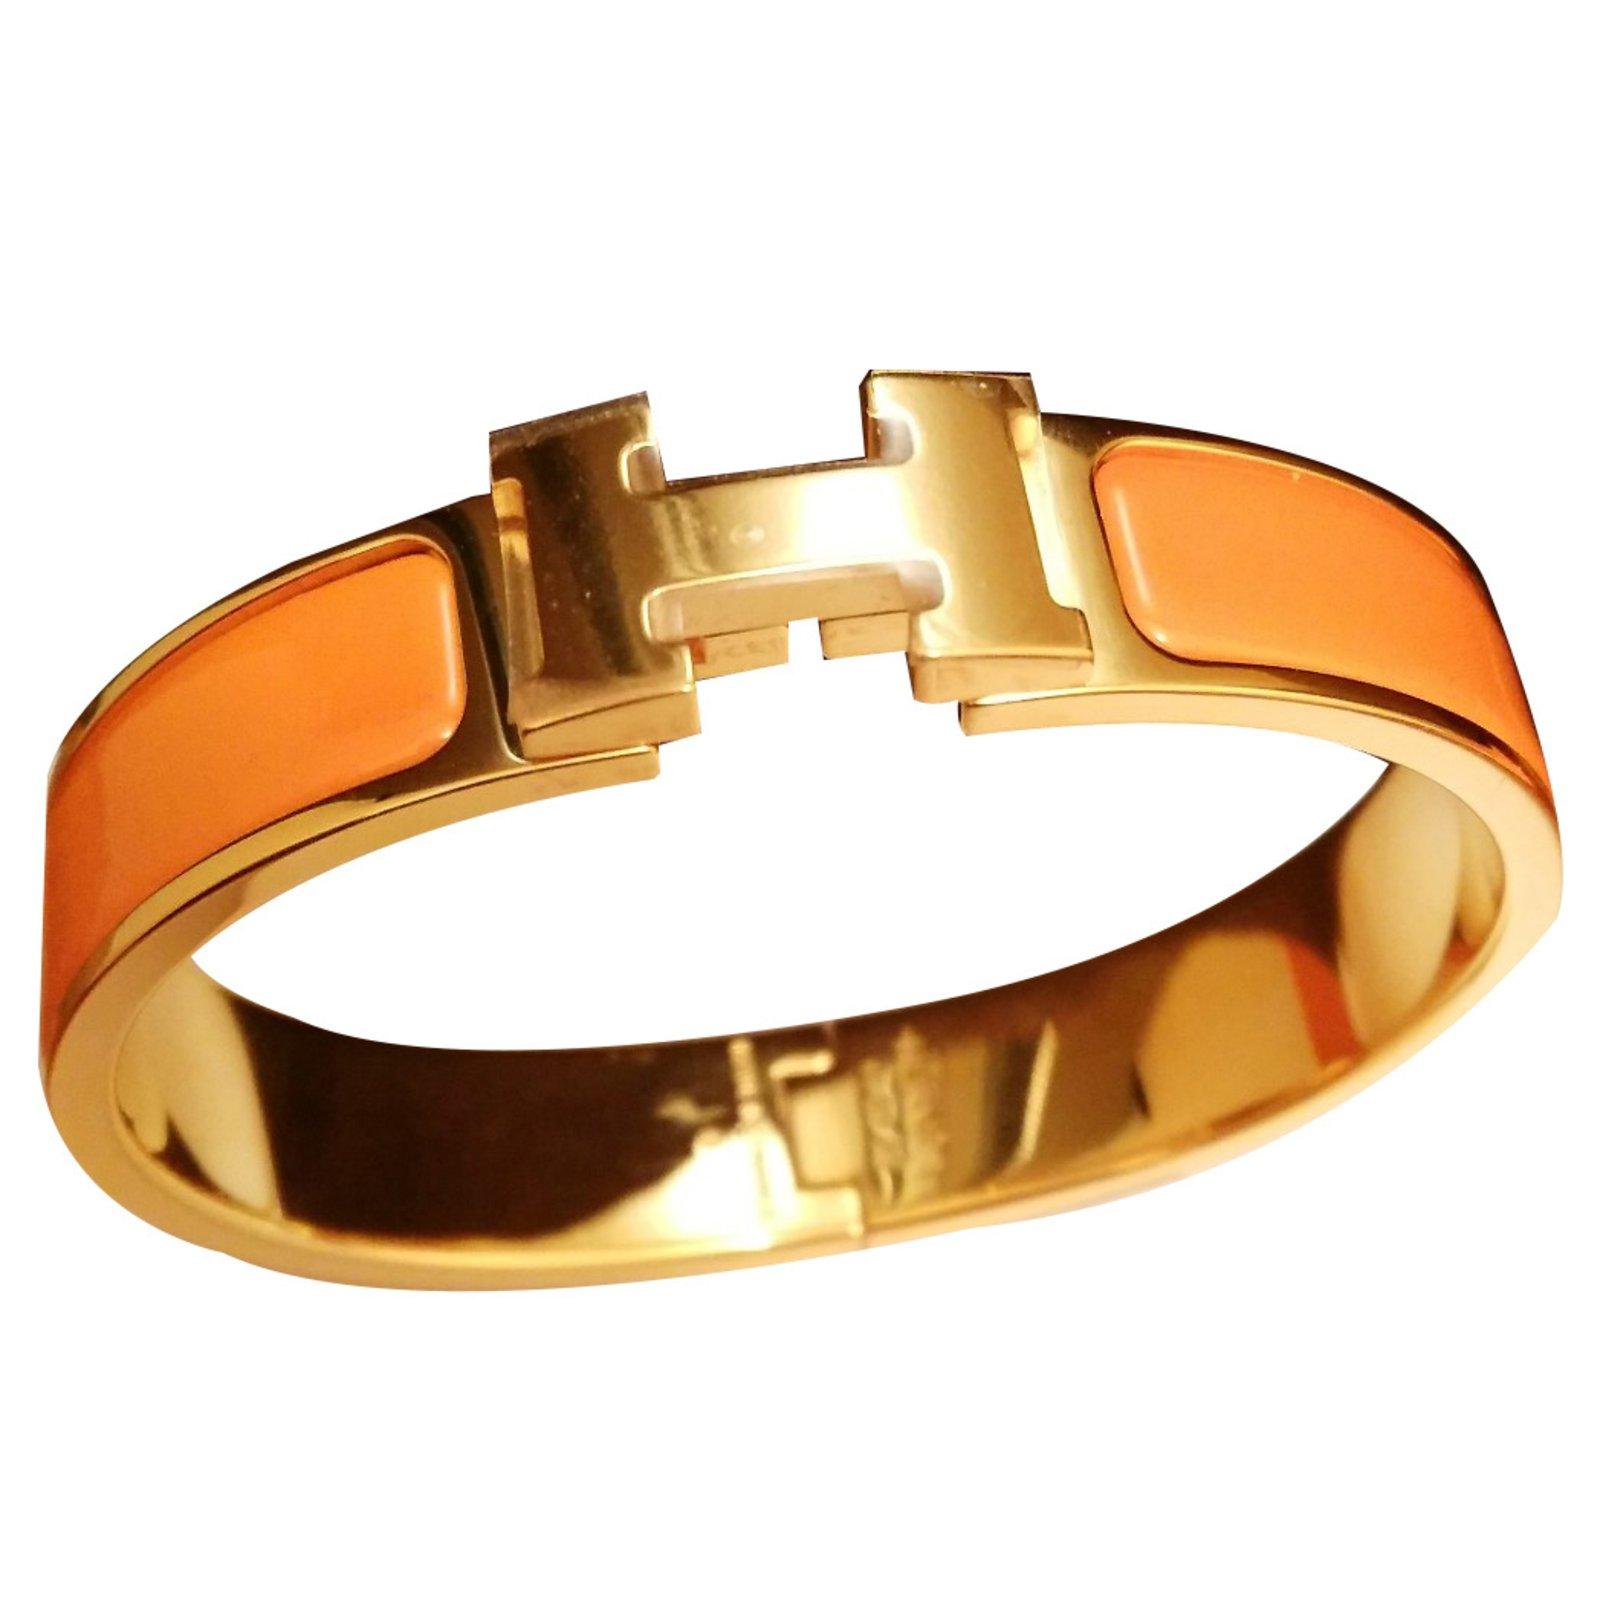 bracelet hermes homme orange. Black Bedroom Furniture Sets. Home Design Ideas